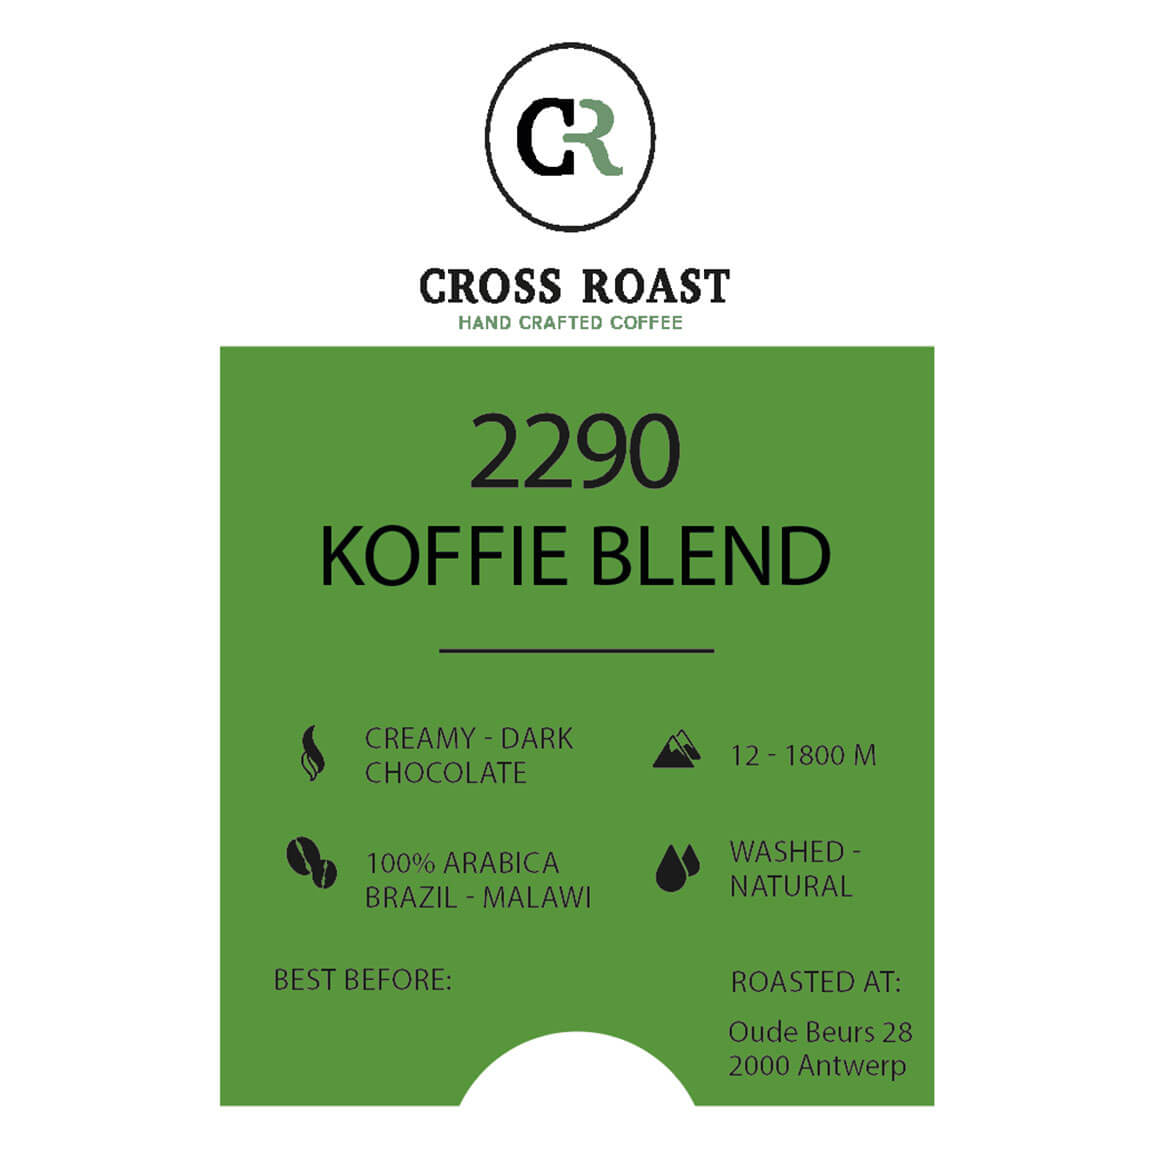 2290 koffiebonen